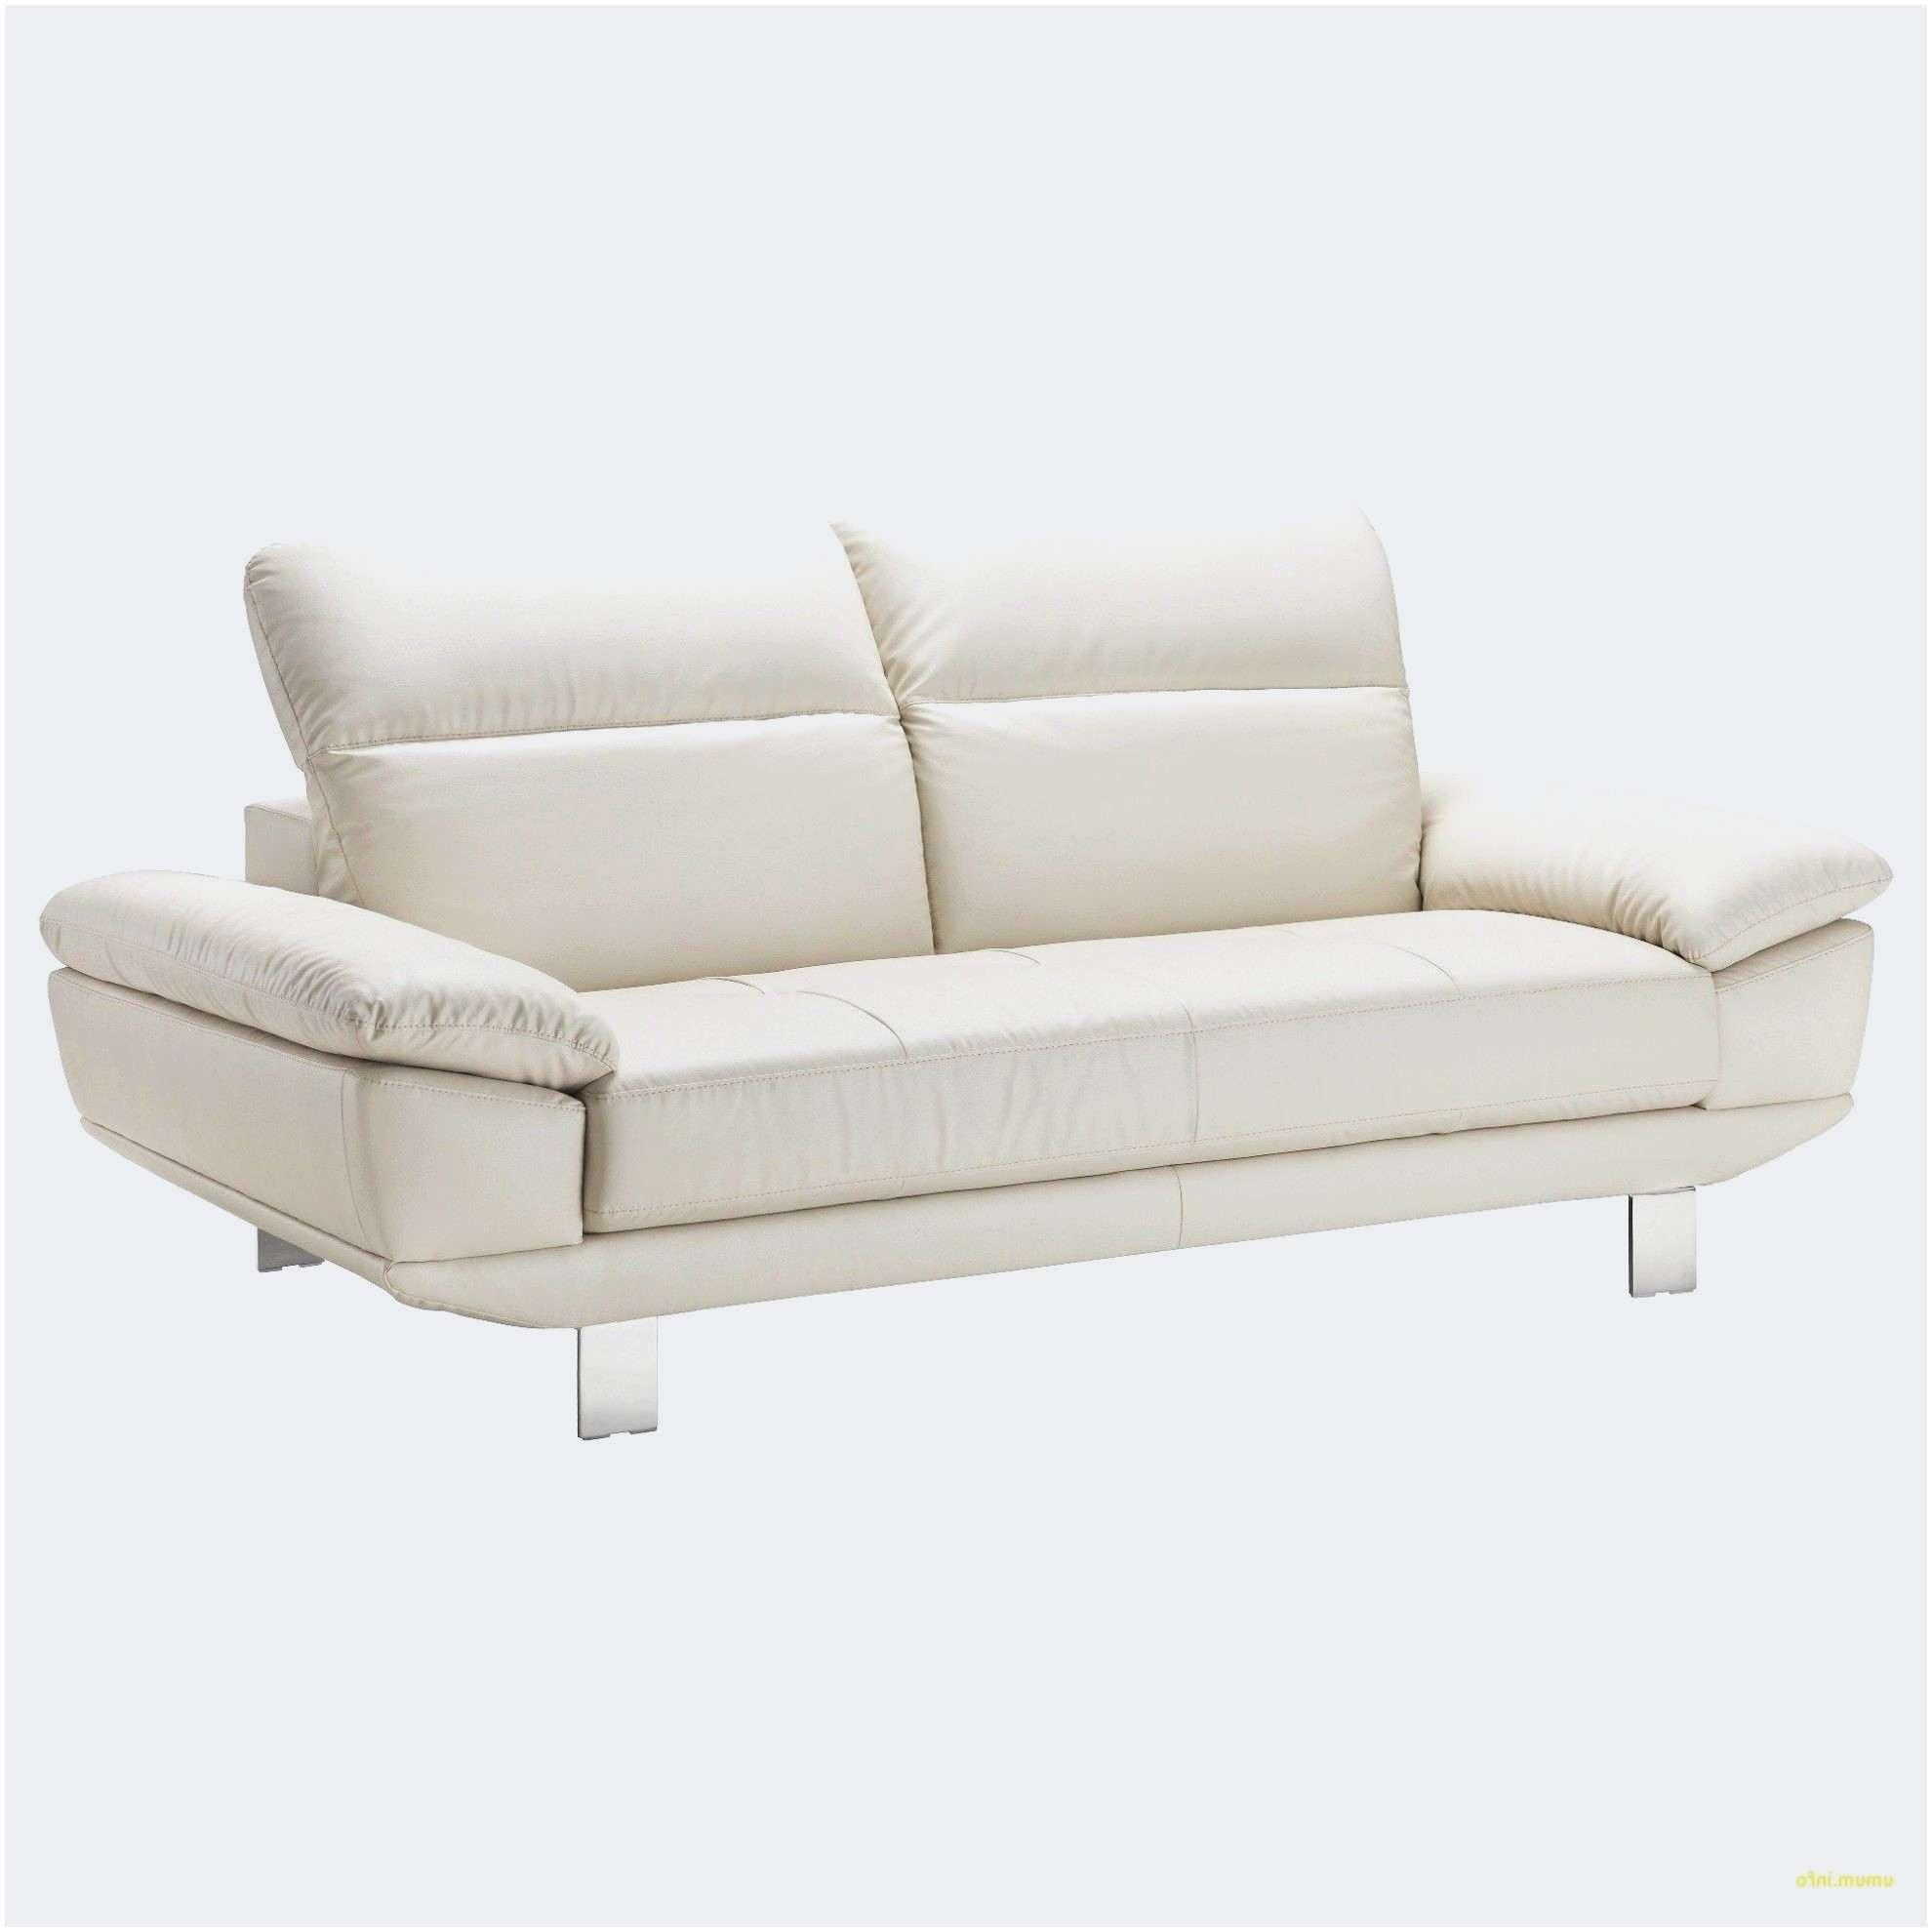 Lit Gigogne Canapé Nouveau Elégant Luxury Canapé Lit Matelas Pour Choix Canapé Lit Gigogne Ikea